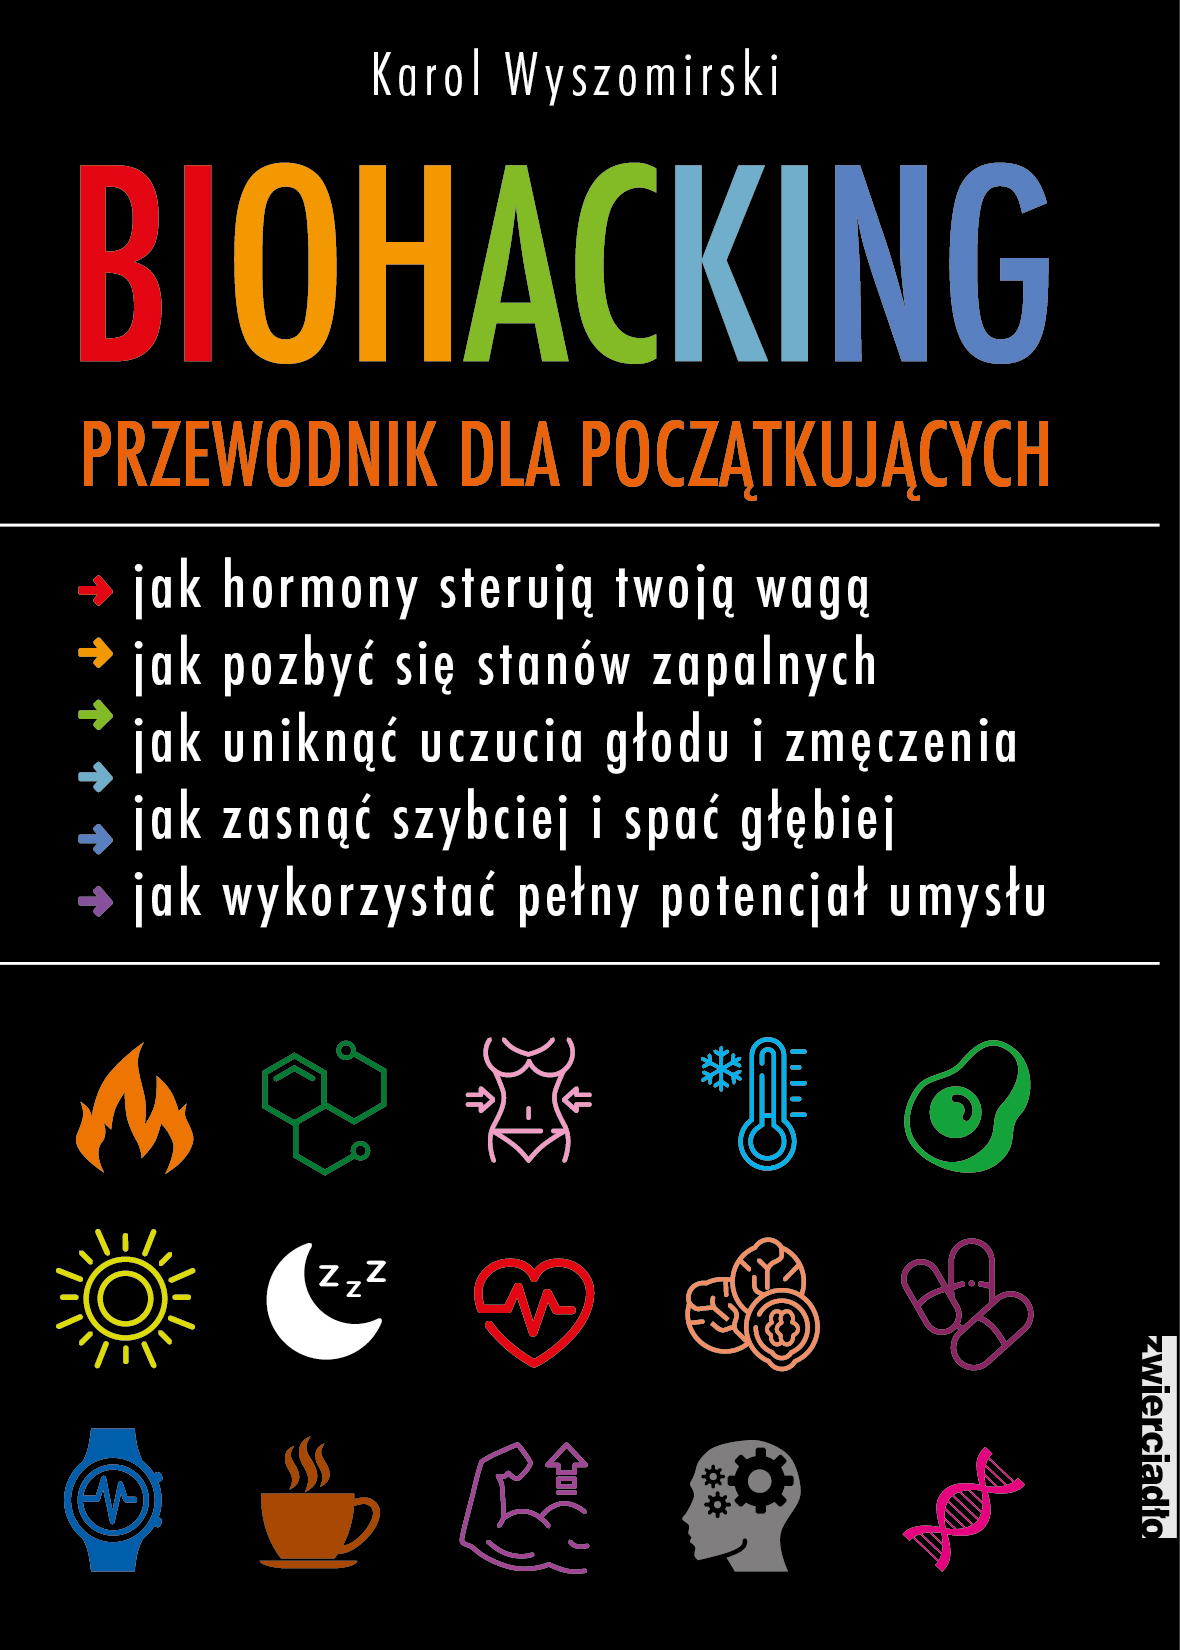 Biohacking. Podręcznik dla początkujących  - Karol Wyszomirski